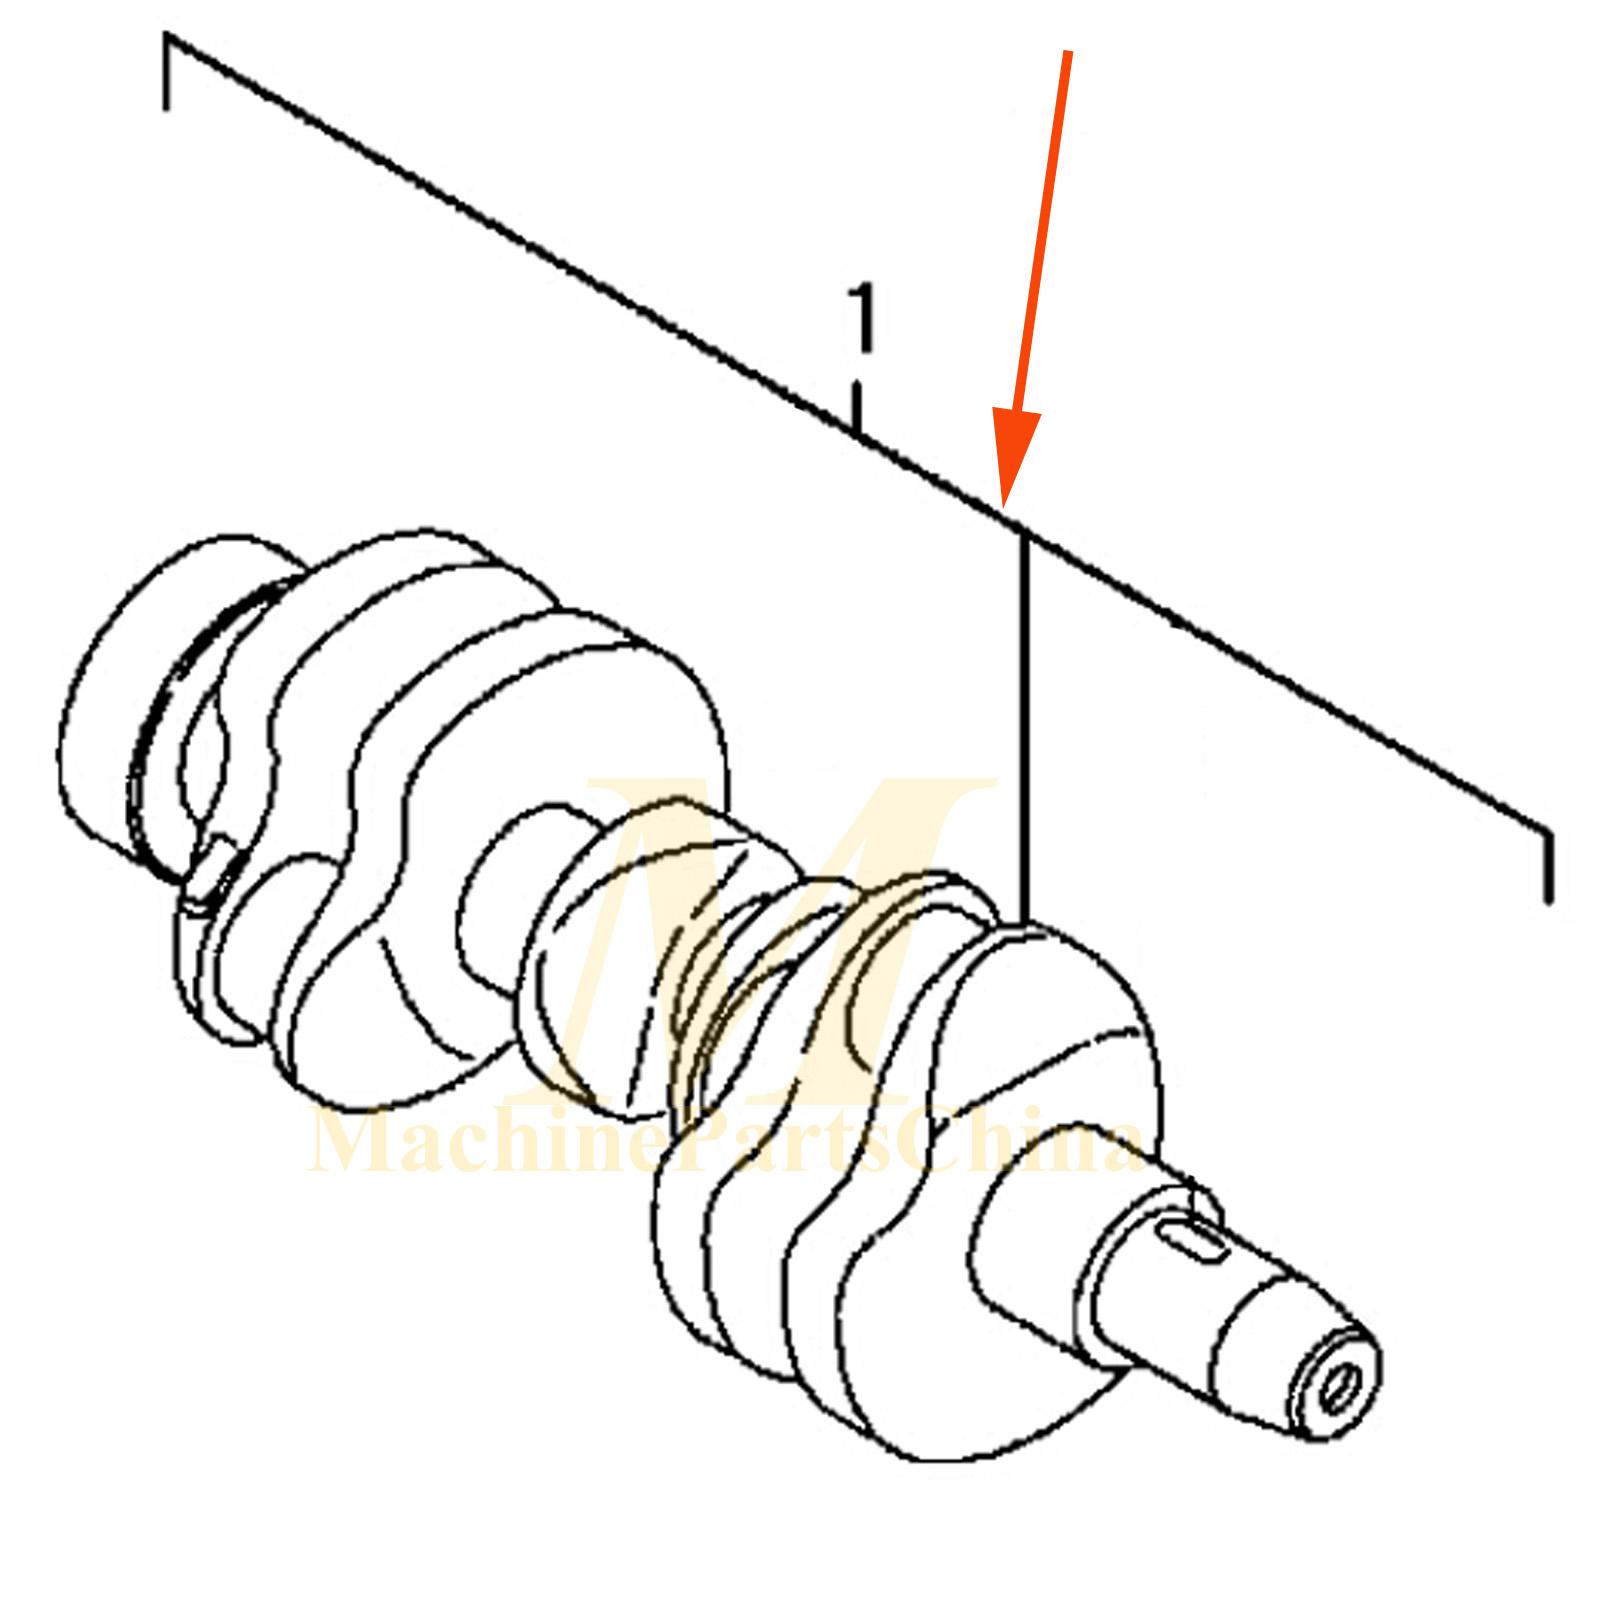 3tne84 3tne84c crankshaft for yanmar engine kobelco sk30ur sk030 Dvd Wiring Diagram 3tne84 3tne84c crankshaft for yanmar engine kobelco sk30ur sk030 sk035 excavator